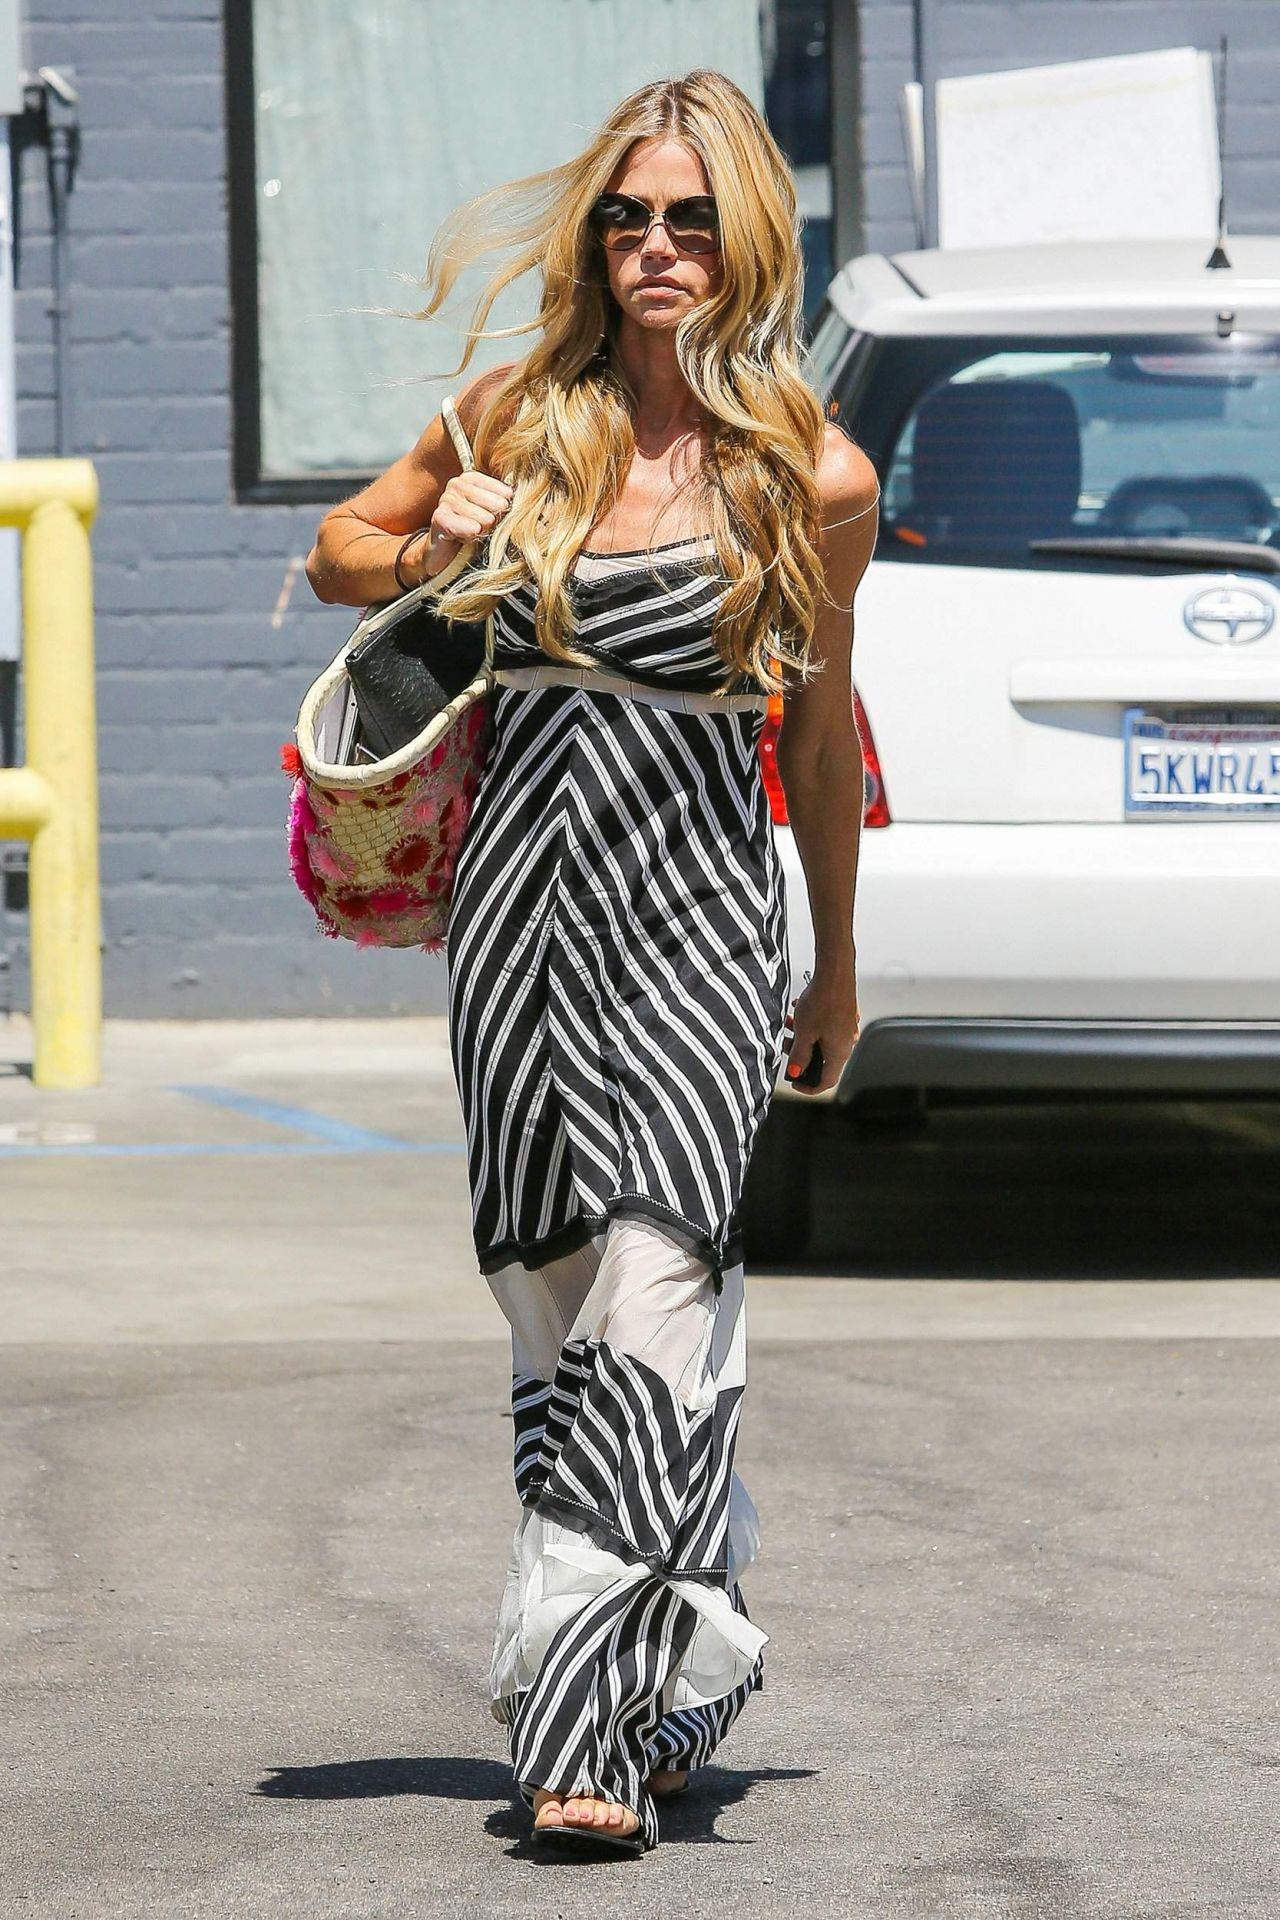 Denise Richards in Summer Long Dress - Leaving Cristophe Salon in Beverly Hills - August 2014